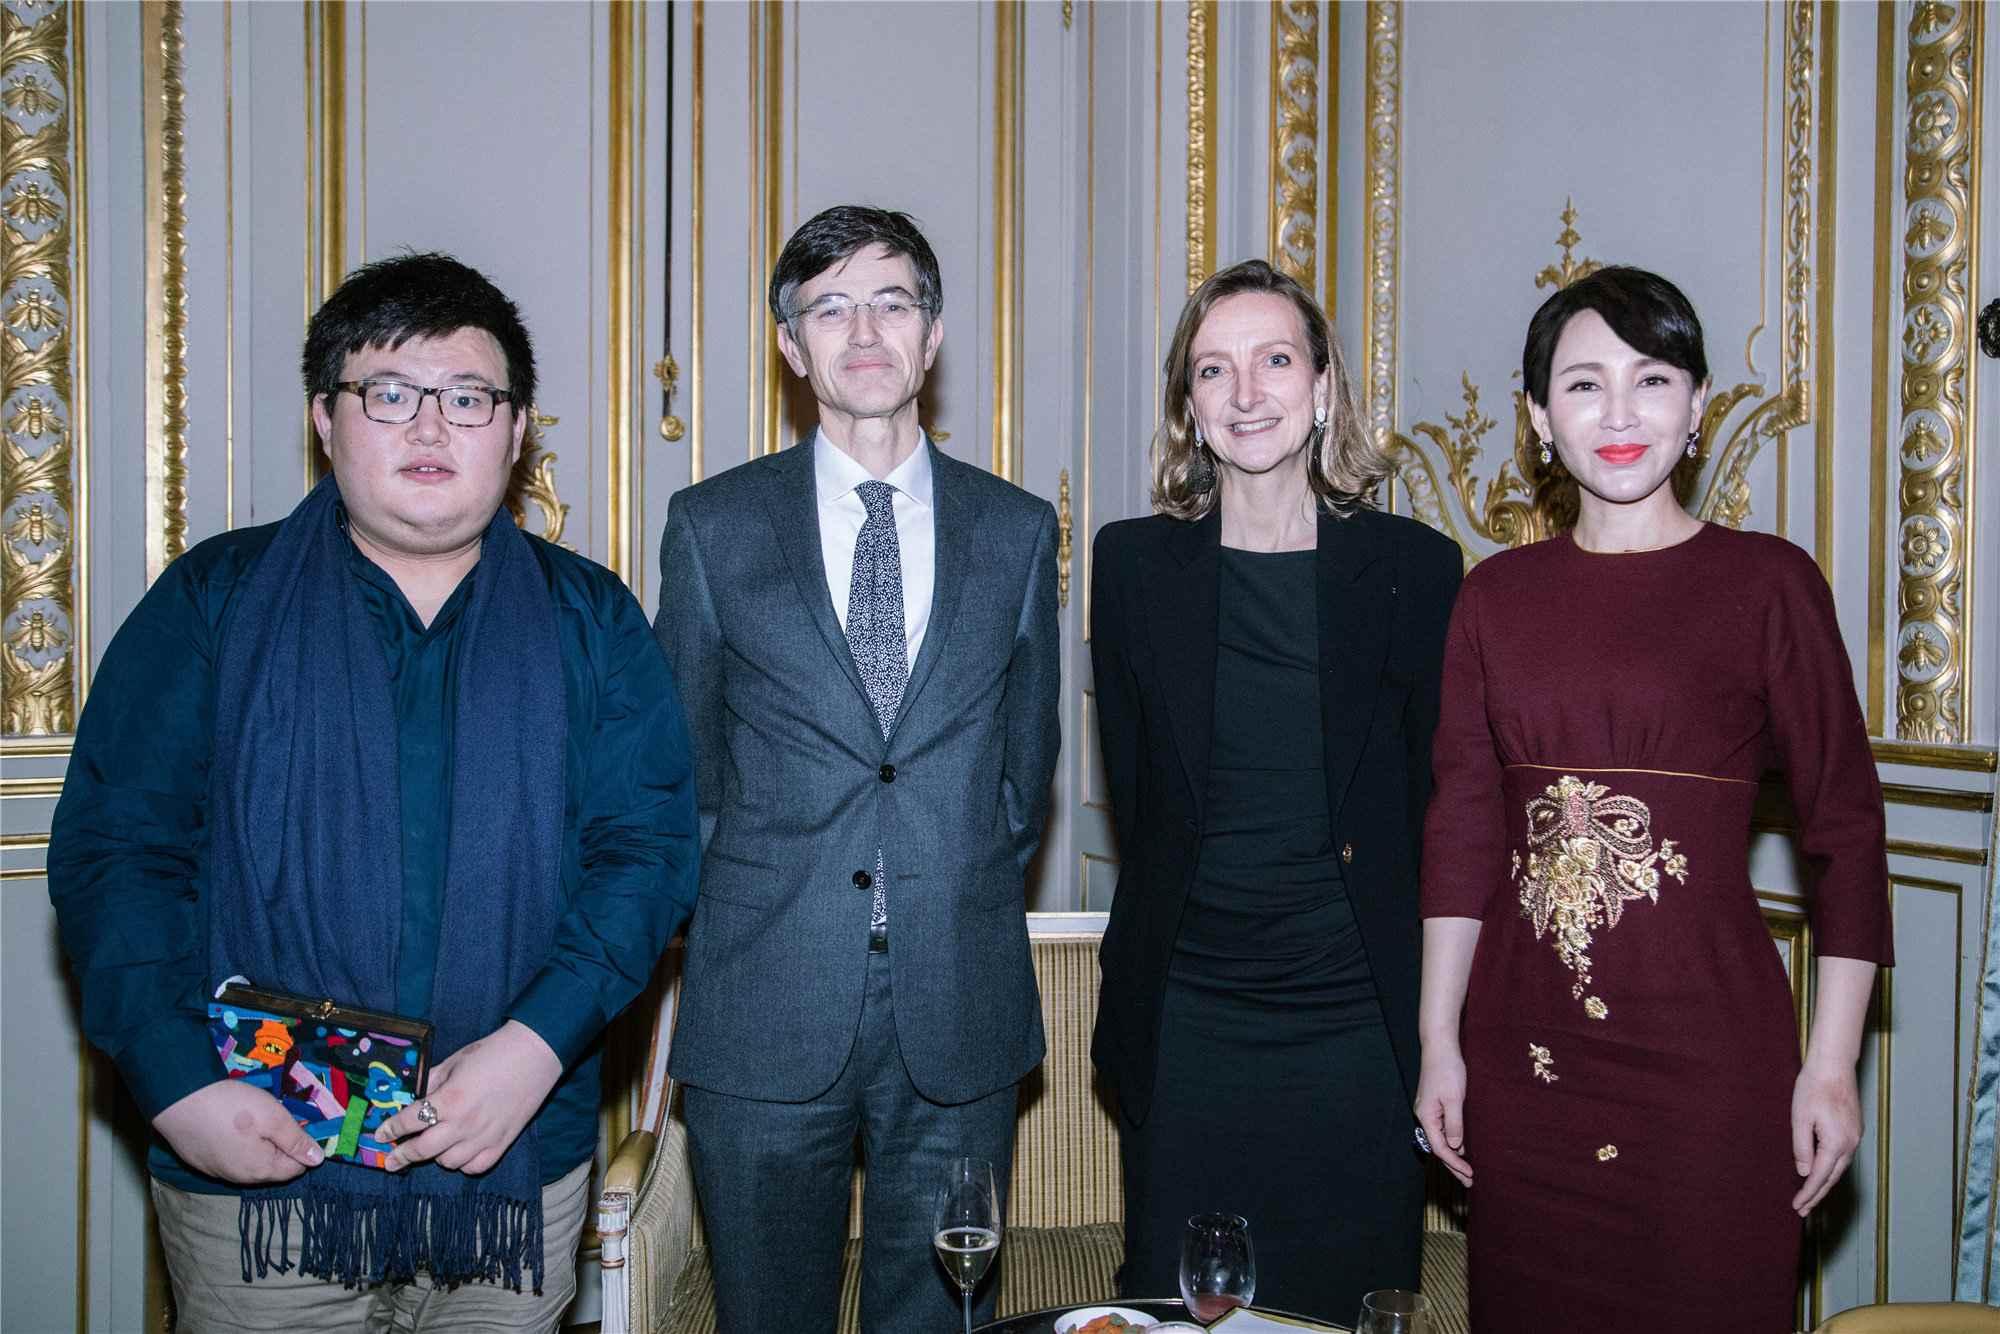 图八:岳丽娜与凡尔赛市长及其夫人合影.jpg